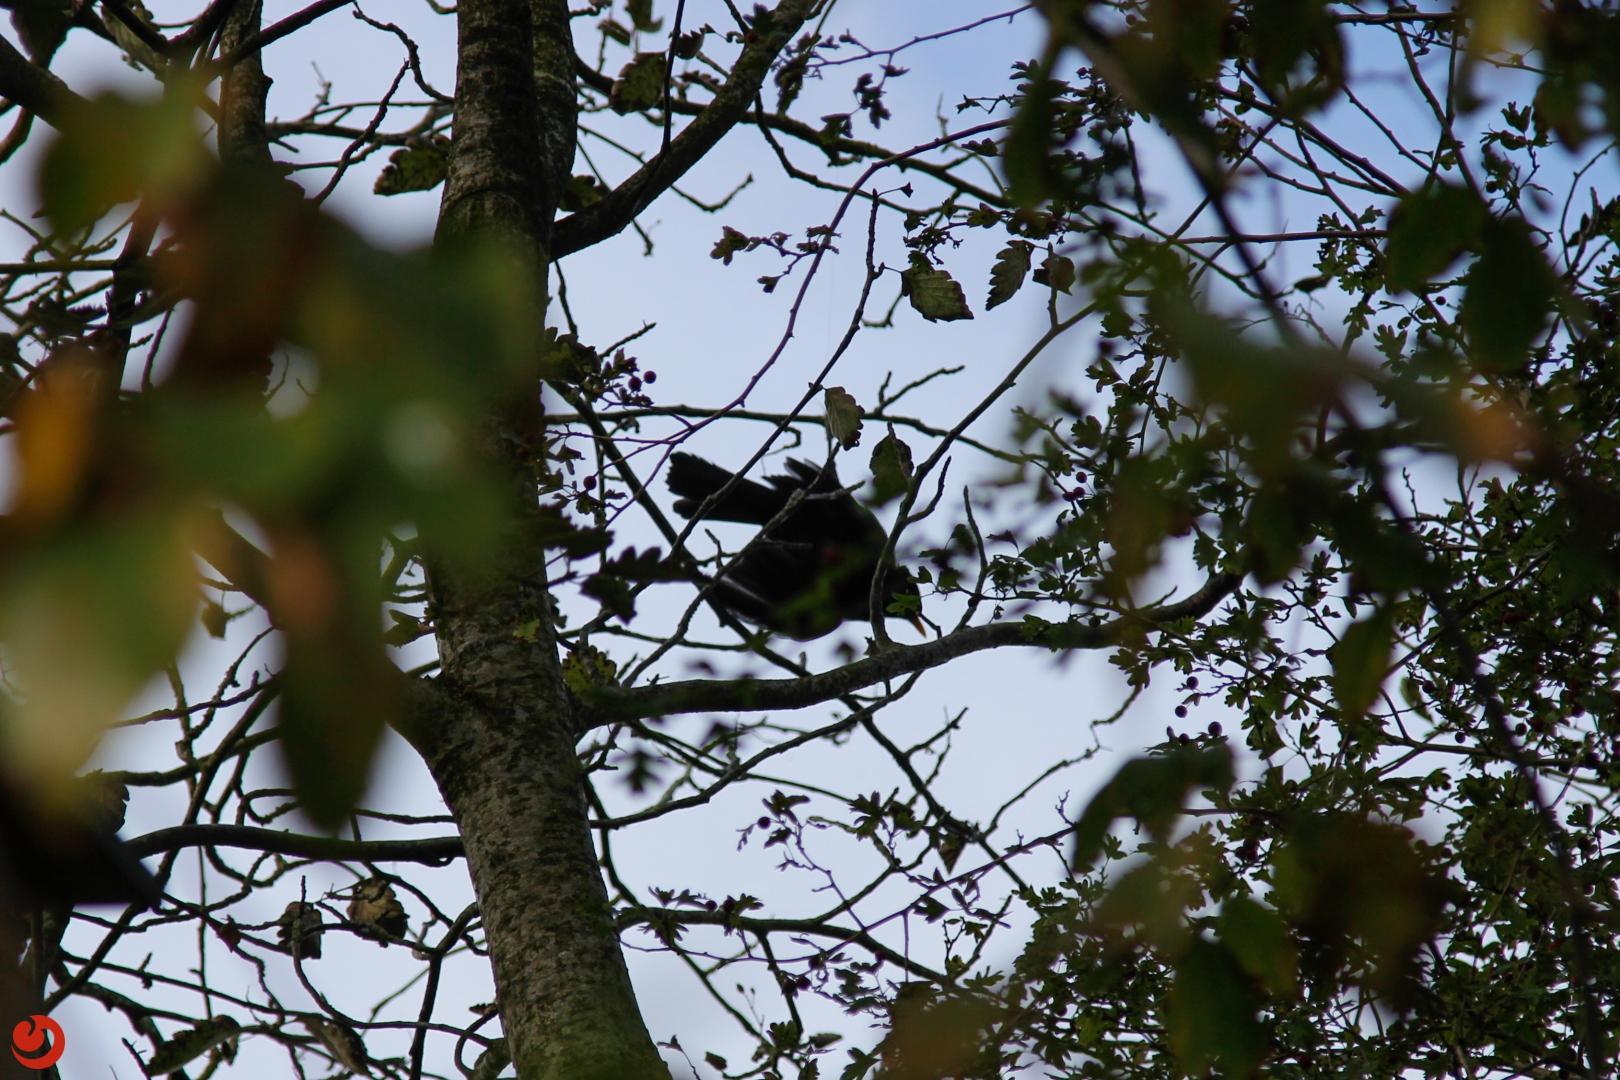 Vogel vast aan visdraad in boom